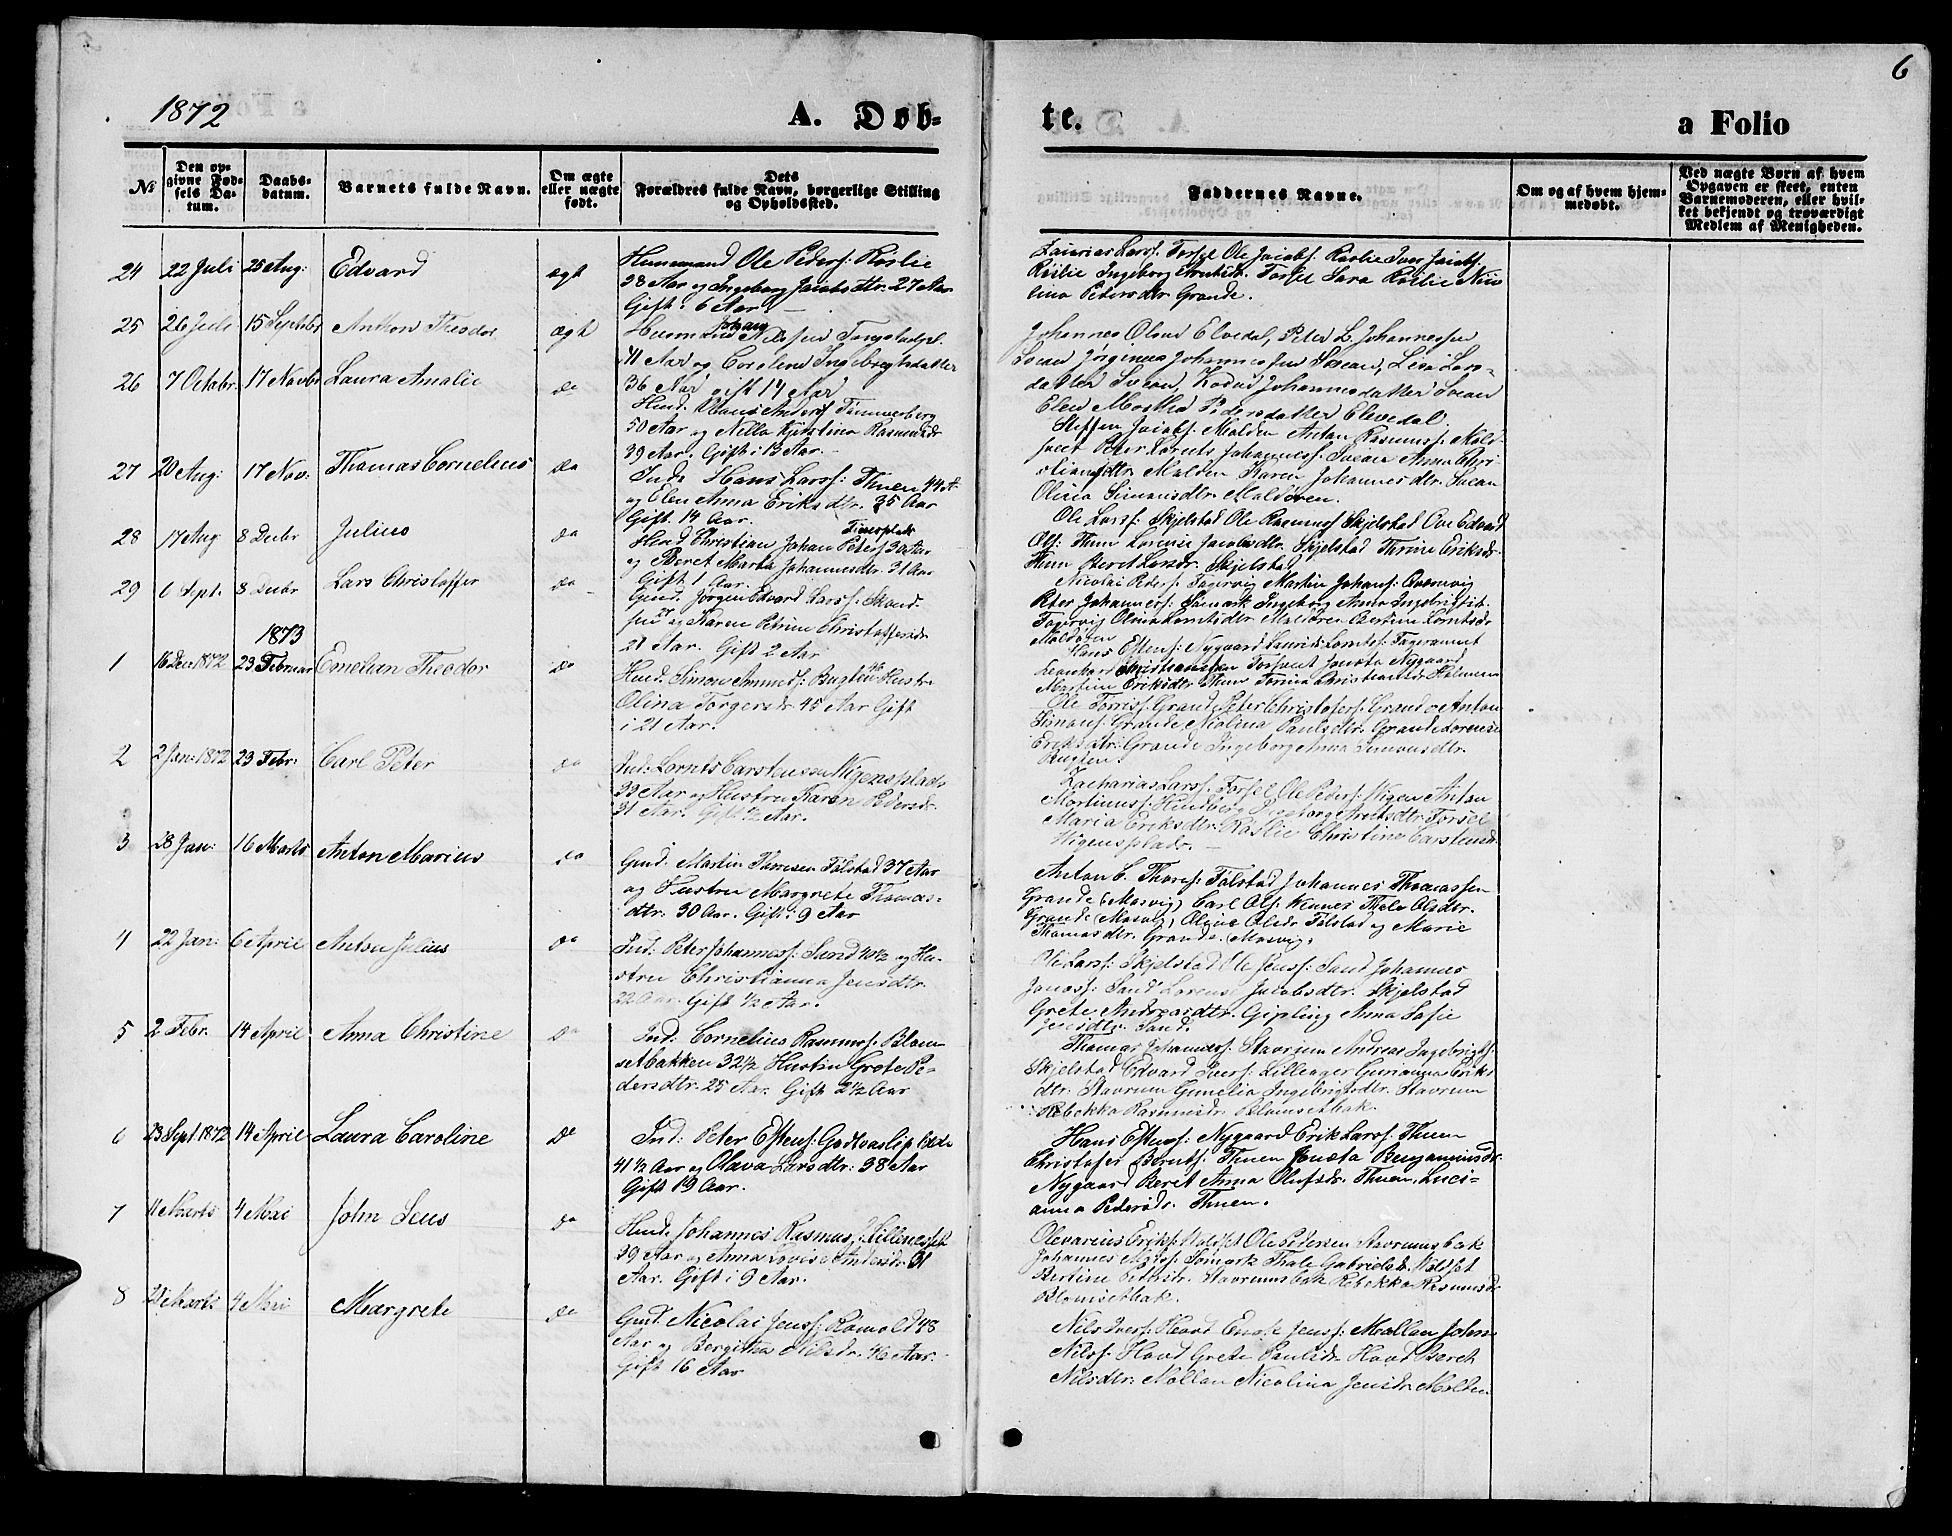 SAT, Ministerialprotokoller, klokkerbøker og fødselsregistre - Nord-Trøndelag, 744/L0422: Klokkerbok nr. 744C01, 1871-1885, s. 6